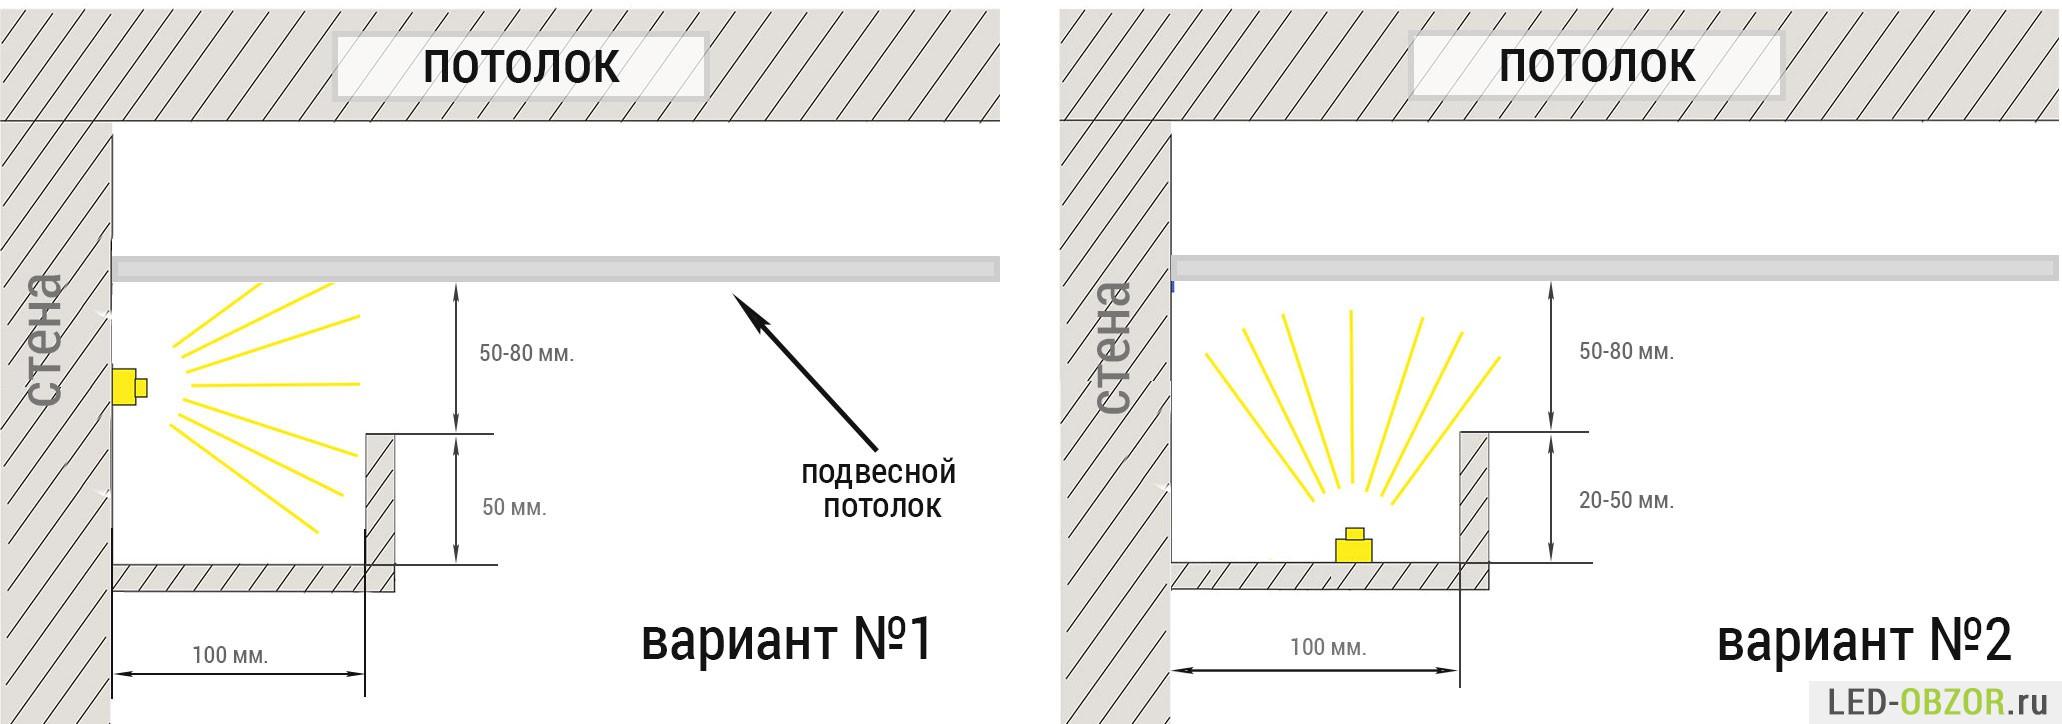 Закарнизная подсветка потолка как сделать